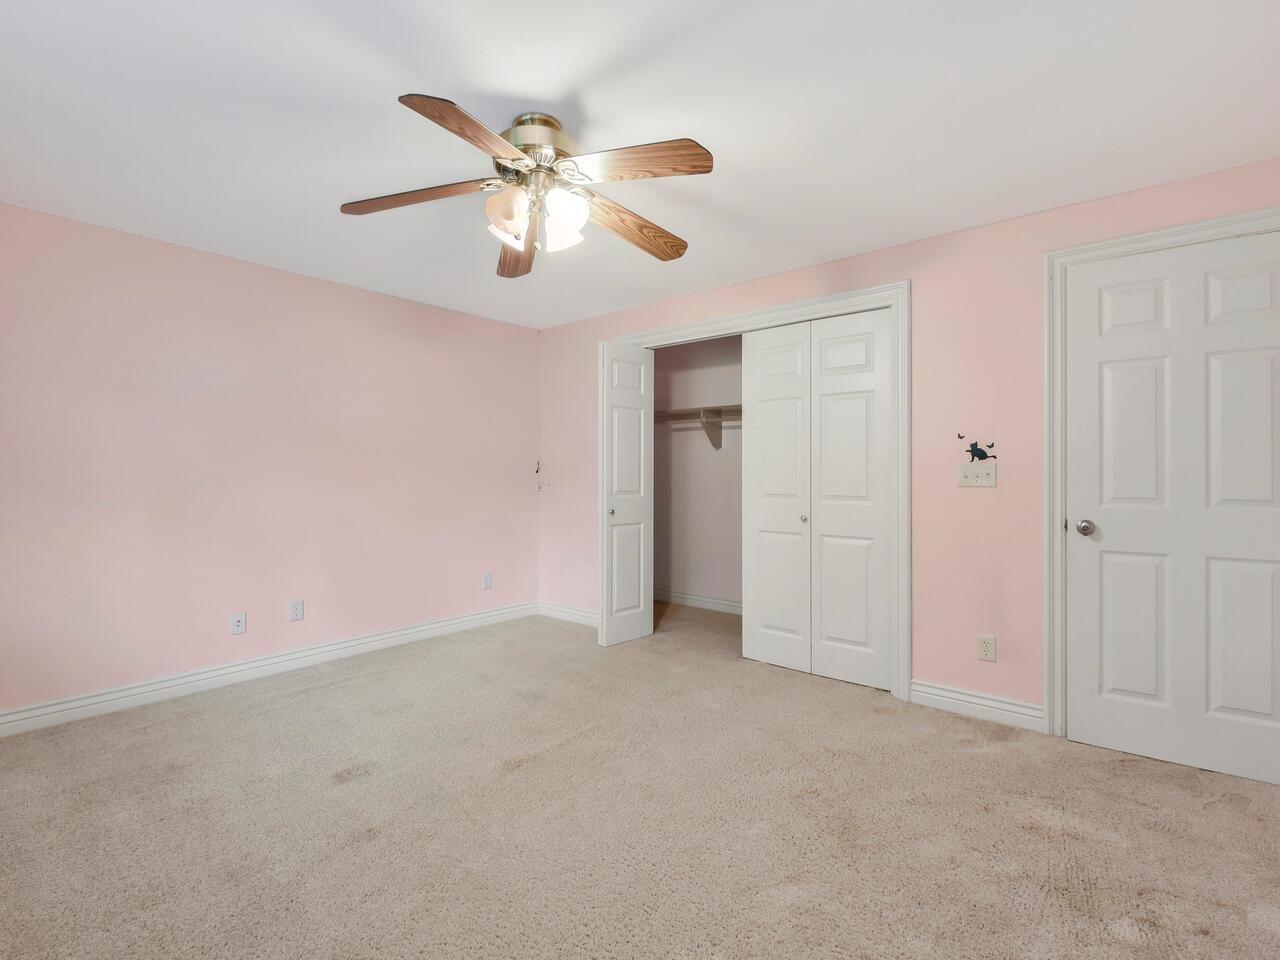 1848 N Paddock Green St, Wichita, KS 67206